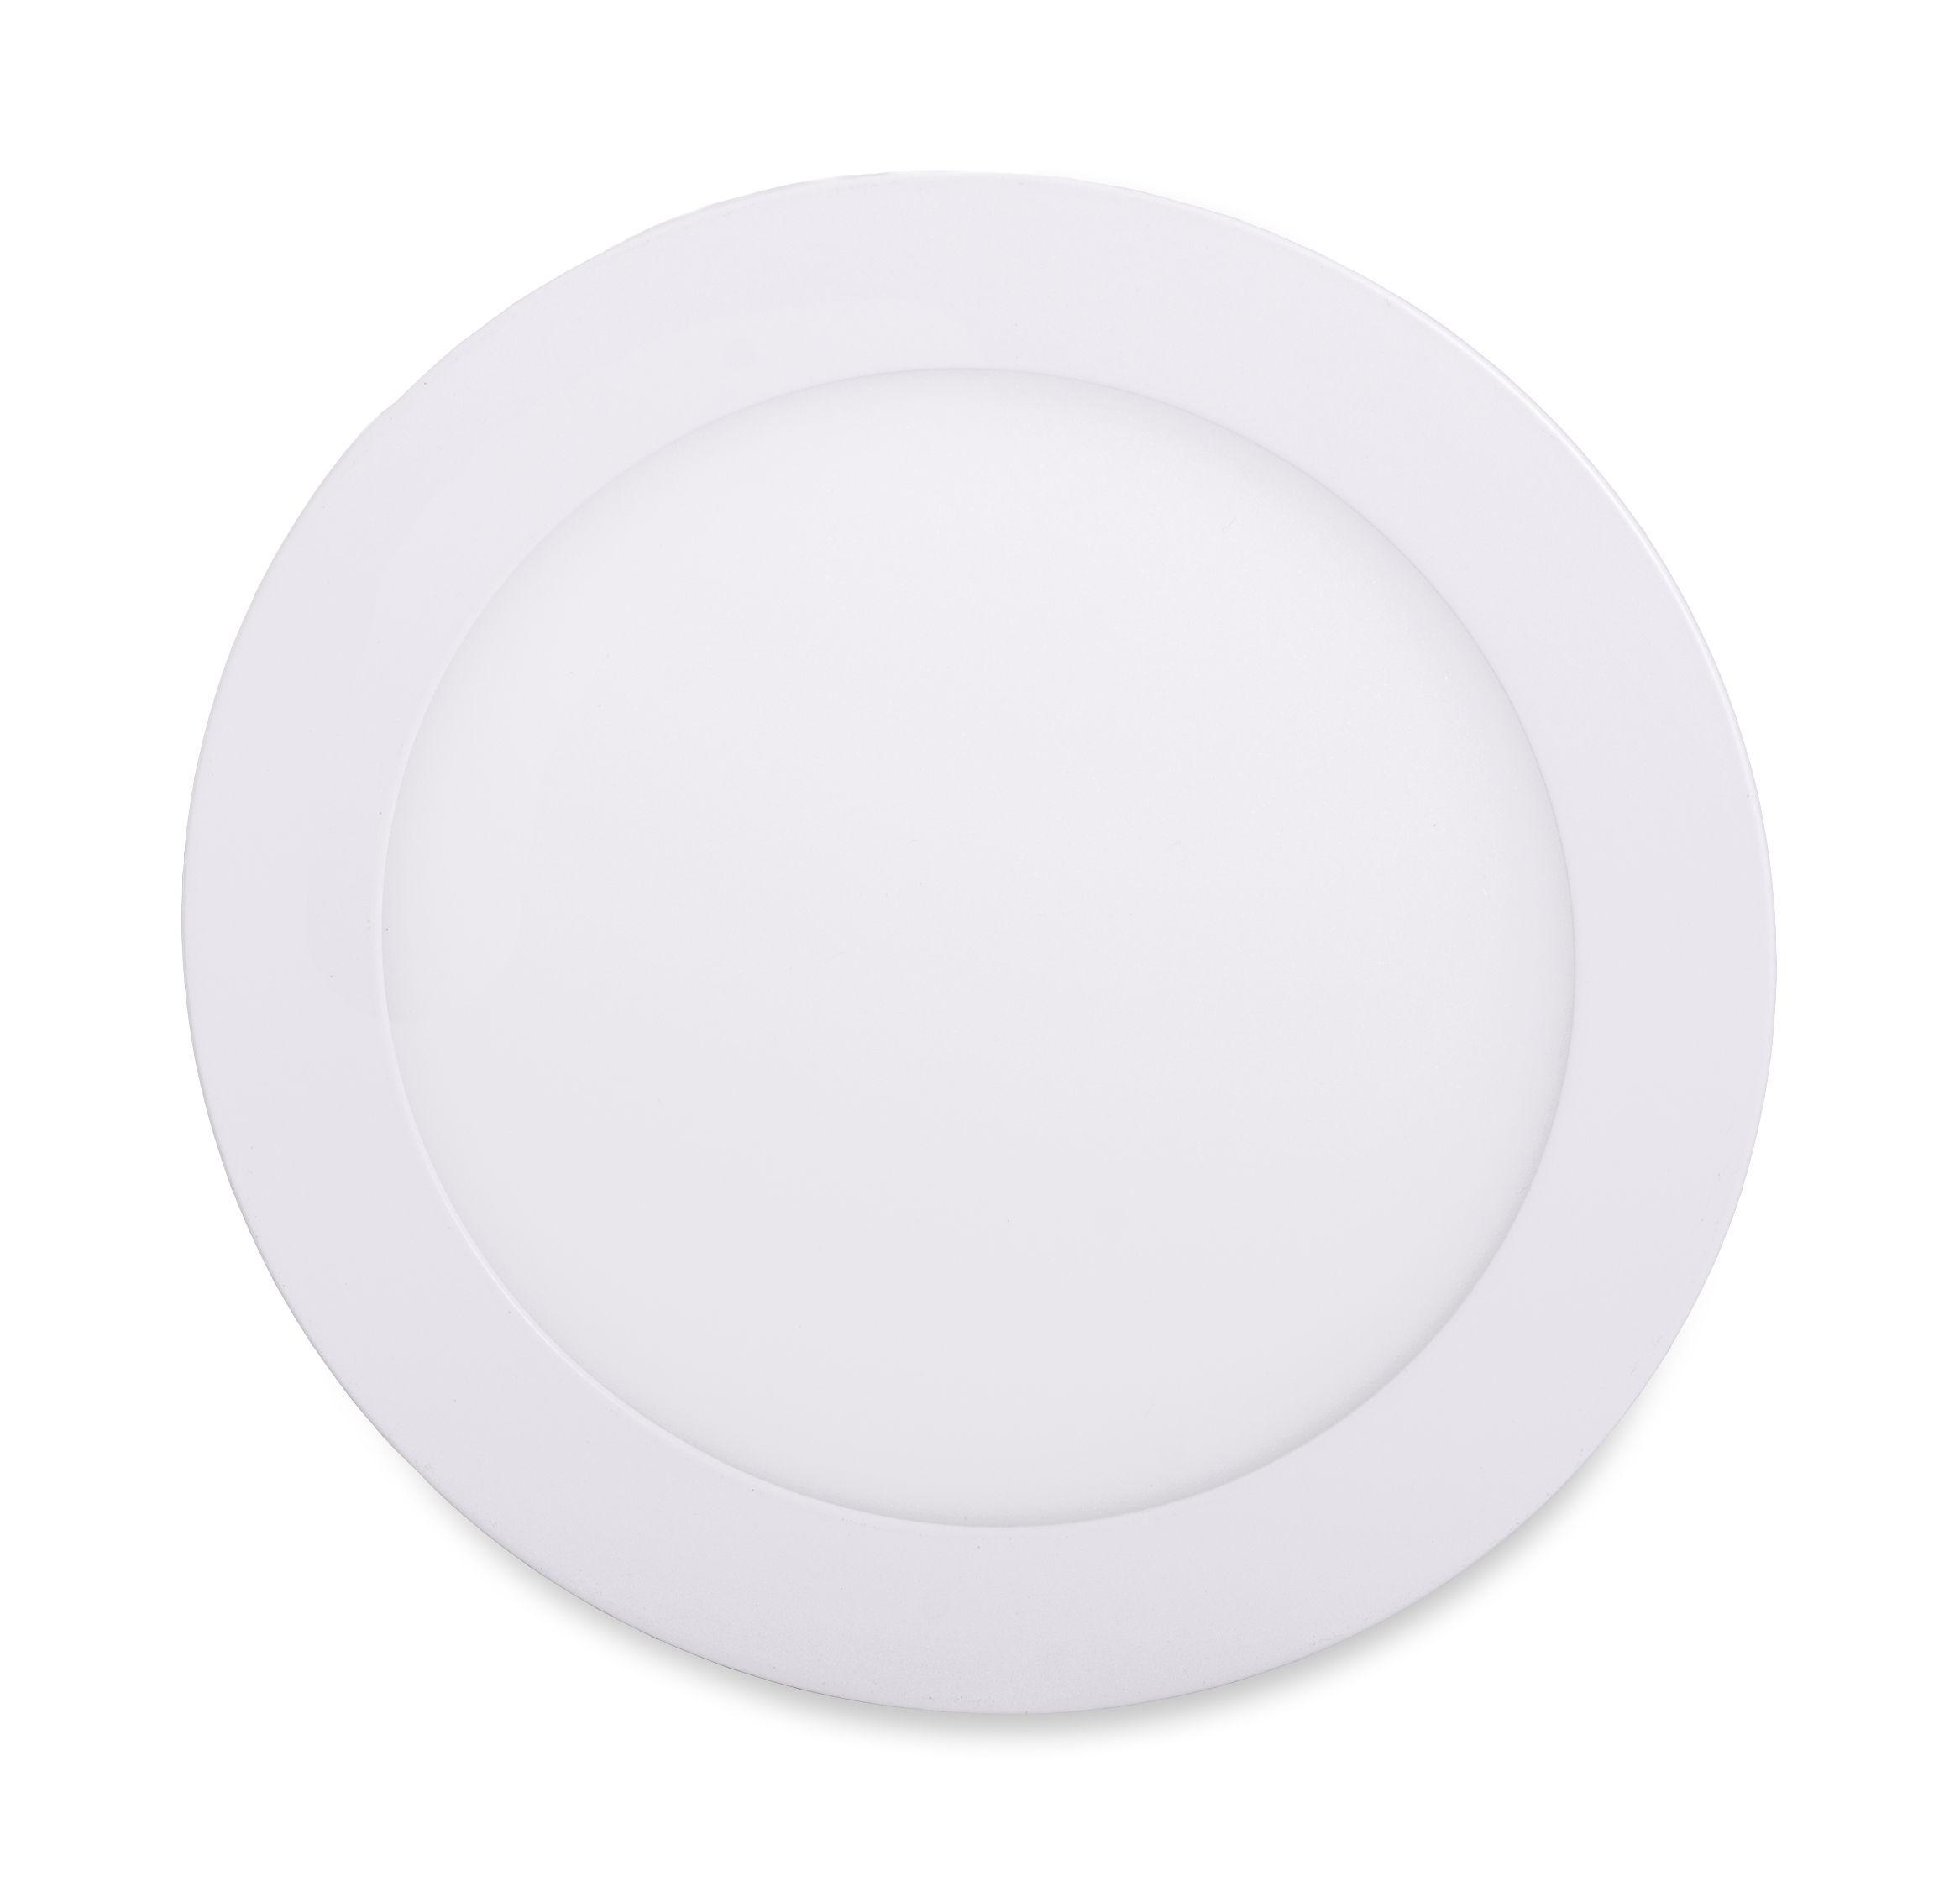 T-LED Biely vstavaný LED panel guľatý 120mm 6W stmievateľný Farba svetla: Teplá biela